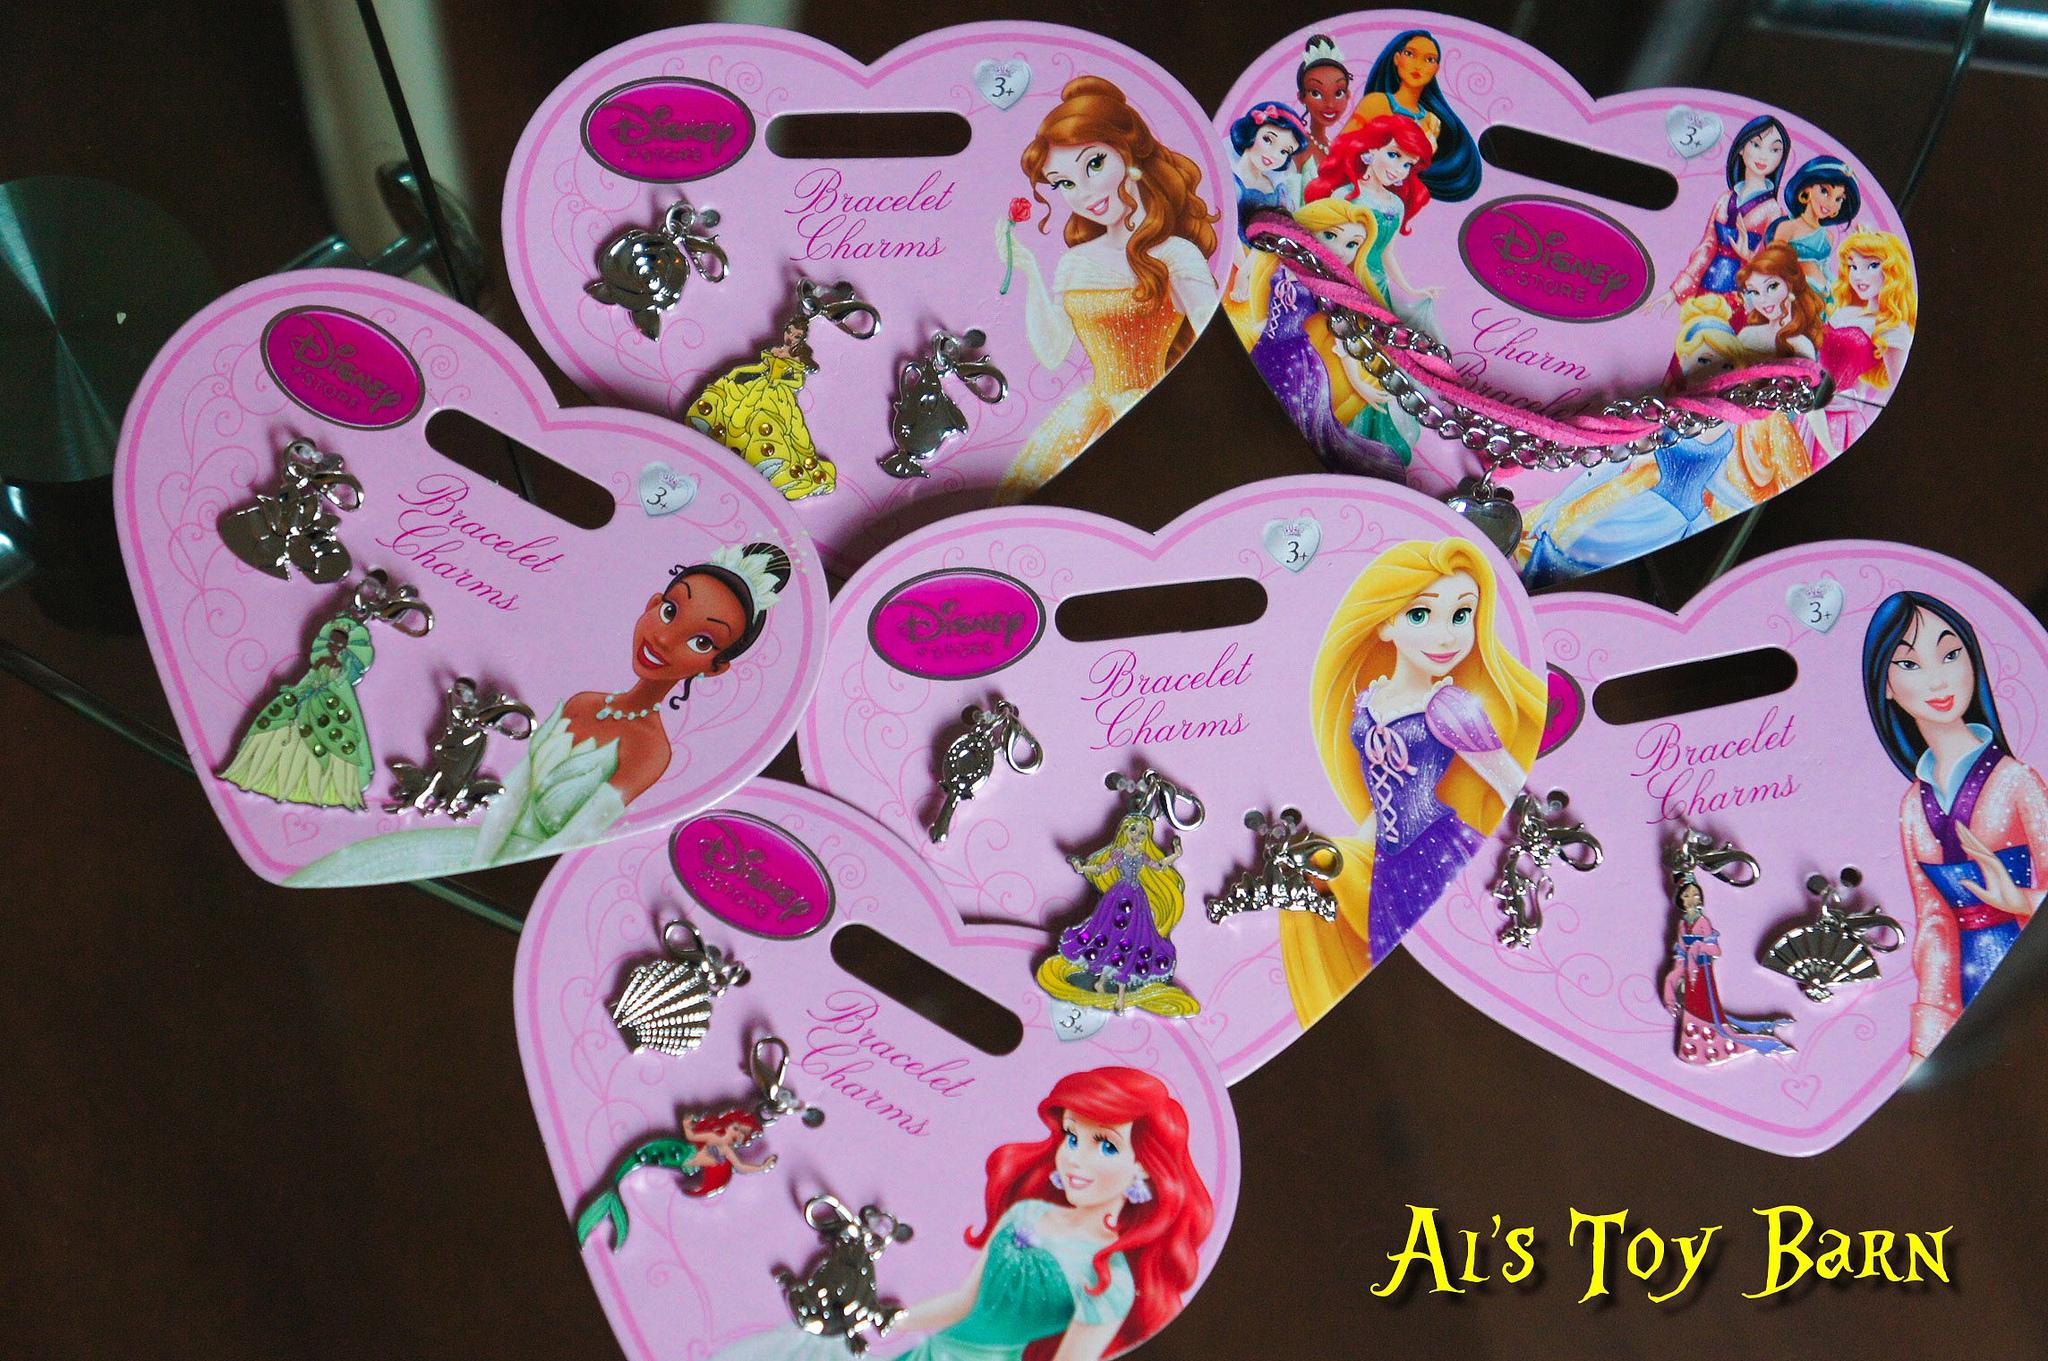 Disney Princesses Names 2012 Disney Princesses 2012